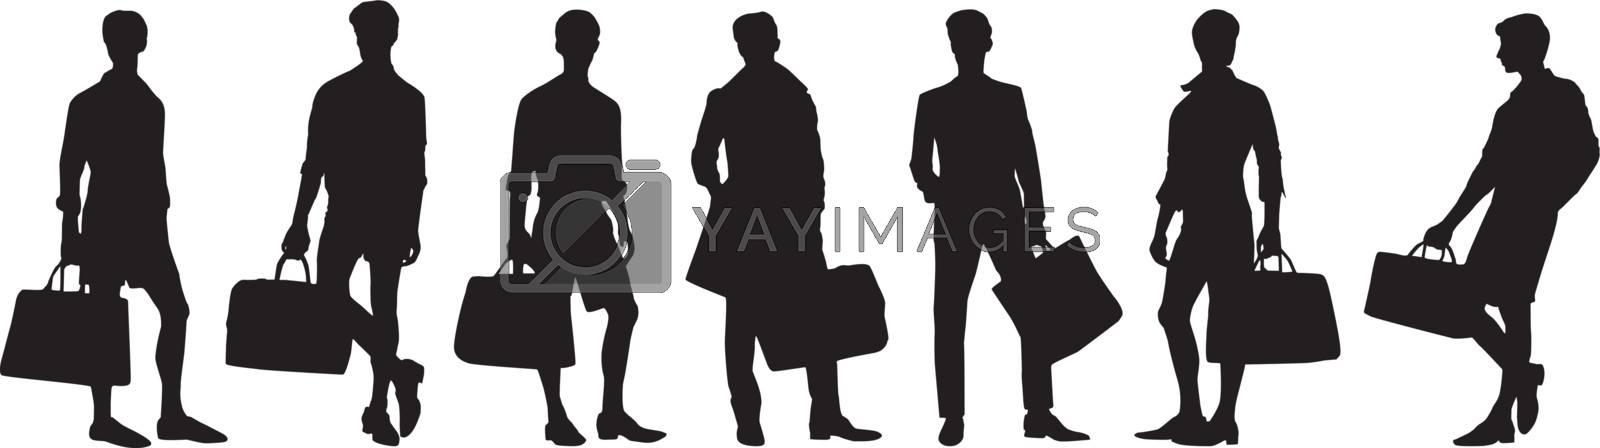 Fashion men bags